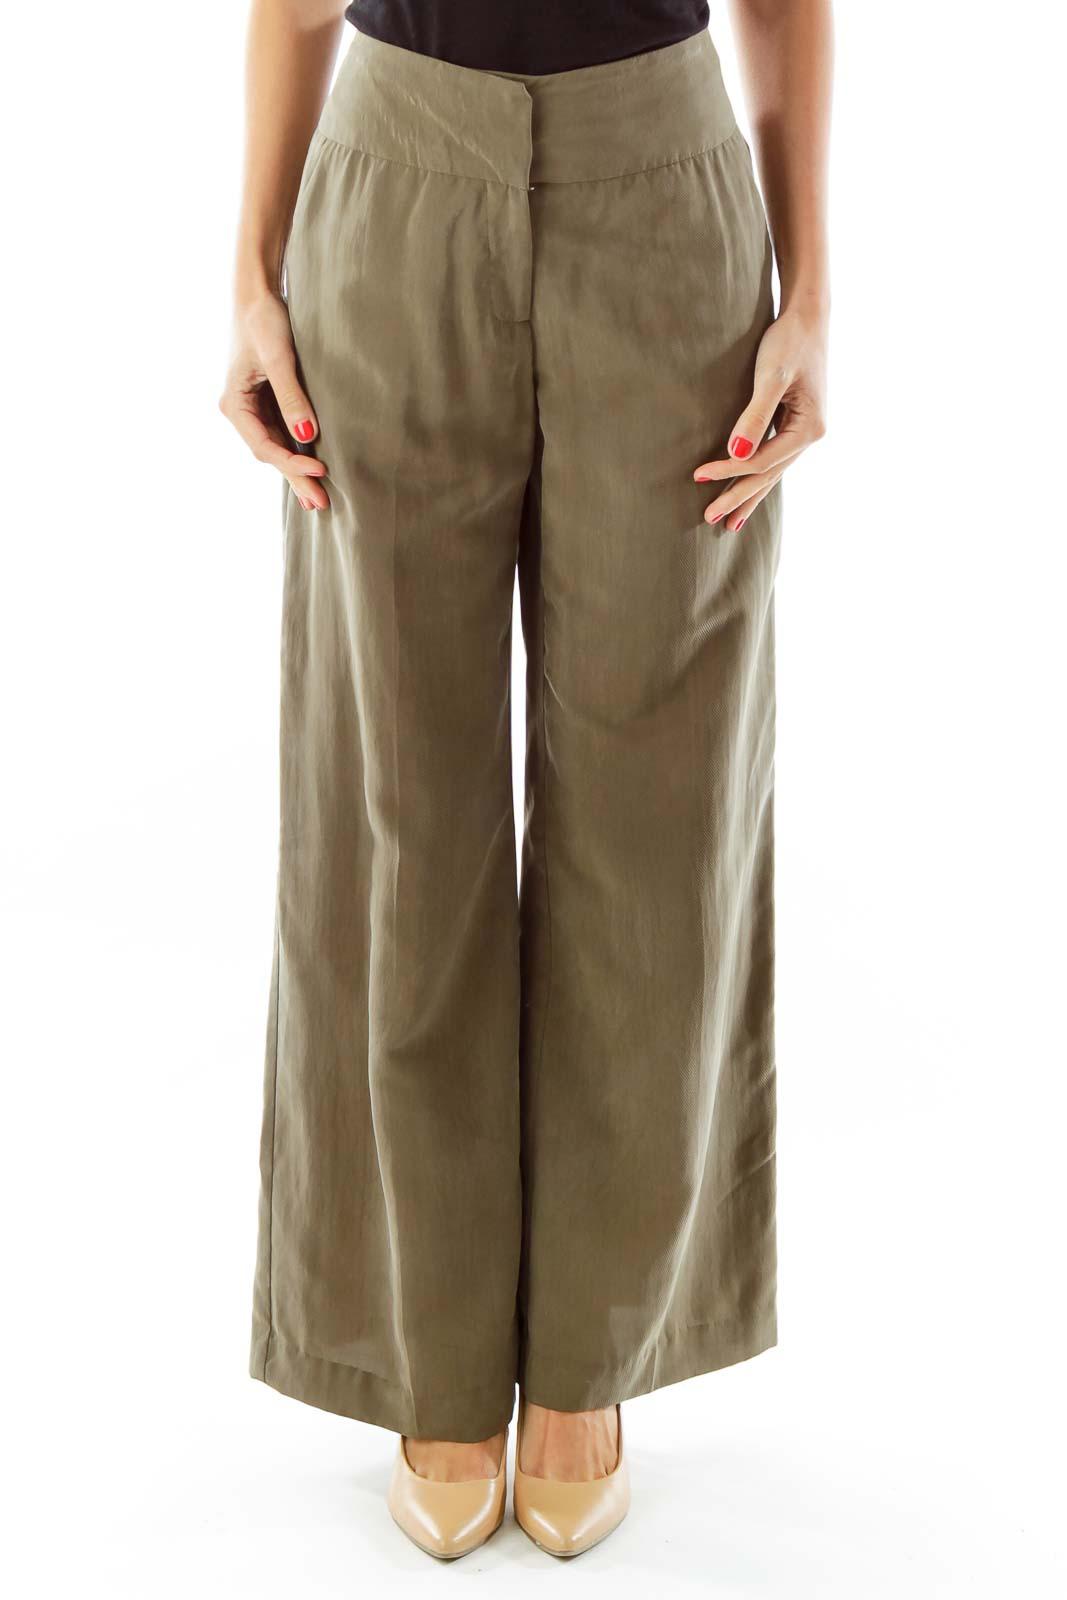 Olive Green Wide-Leg Pants